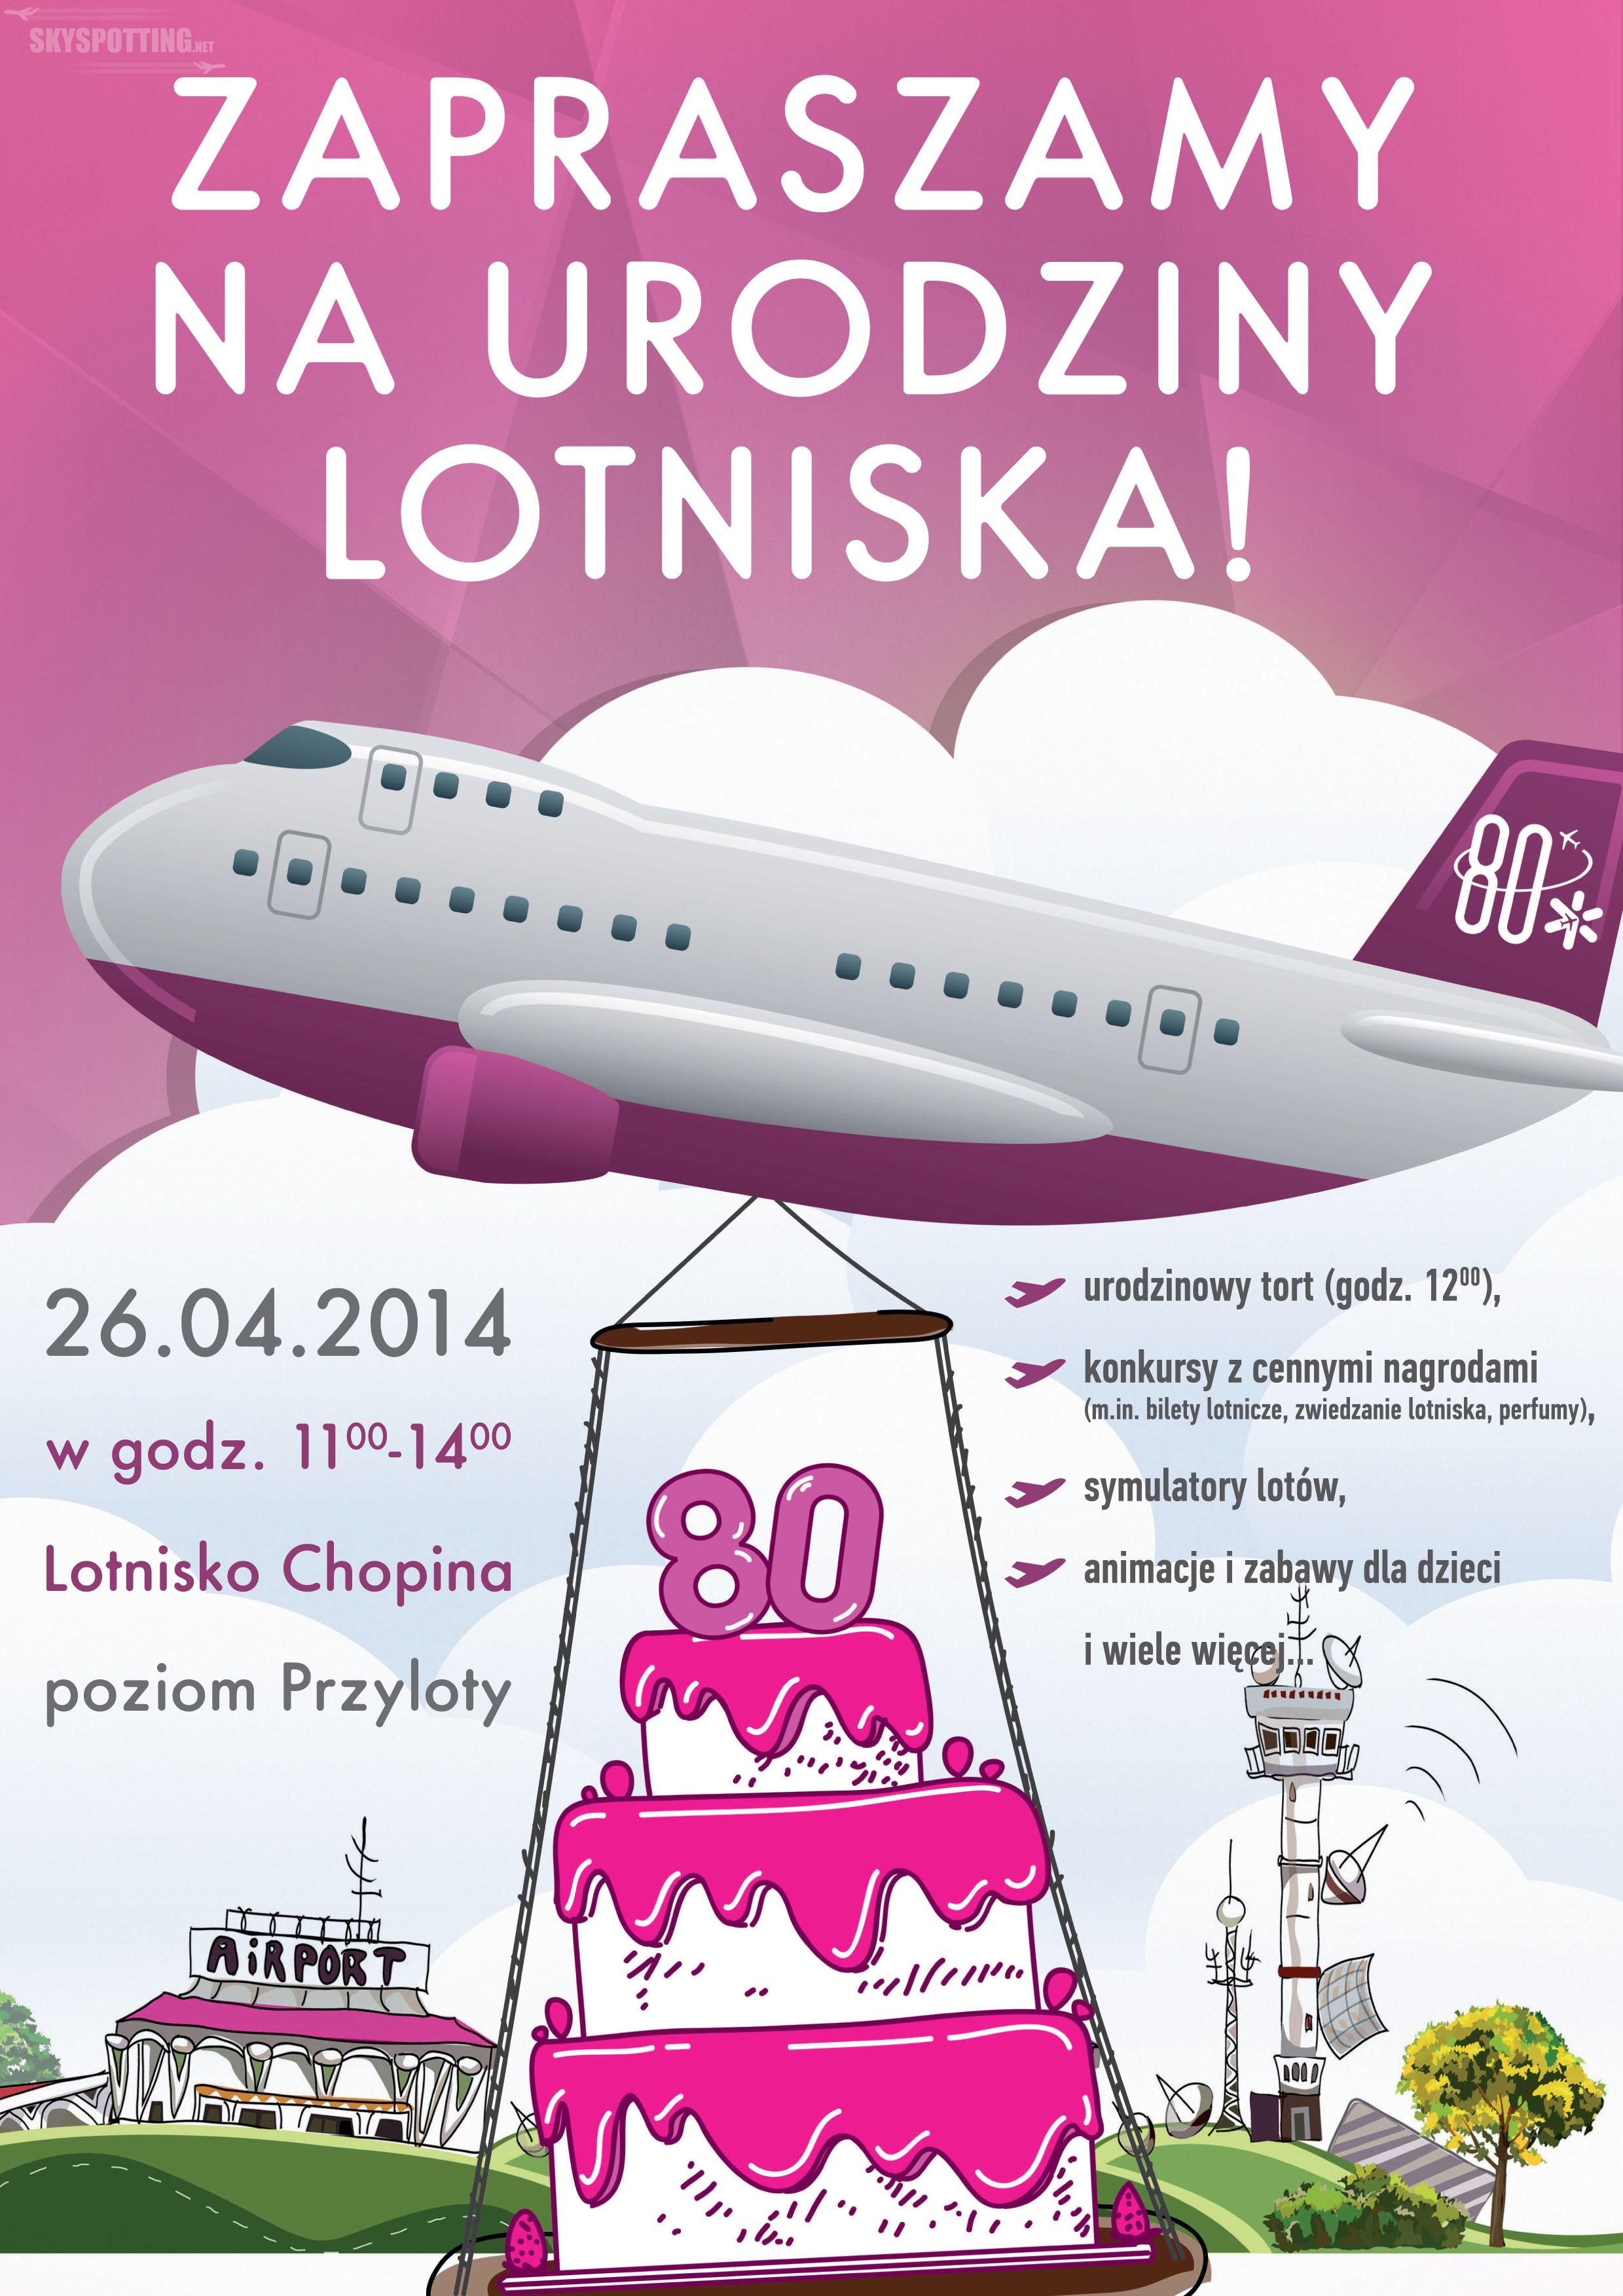 Lotnisko Chopina świętuje 80 urodziny. Zapraszamy na imprezę!